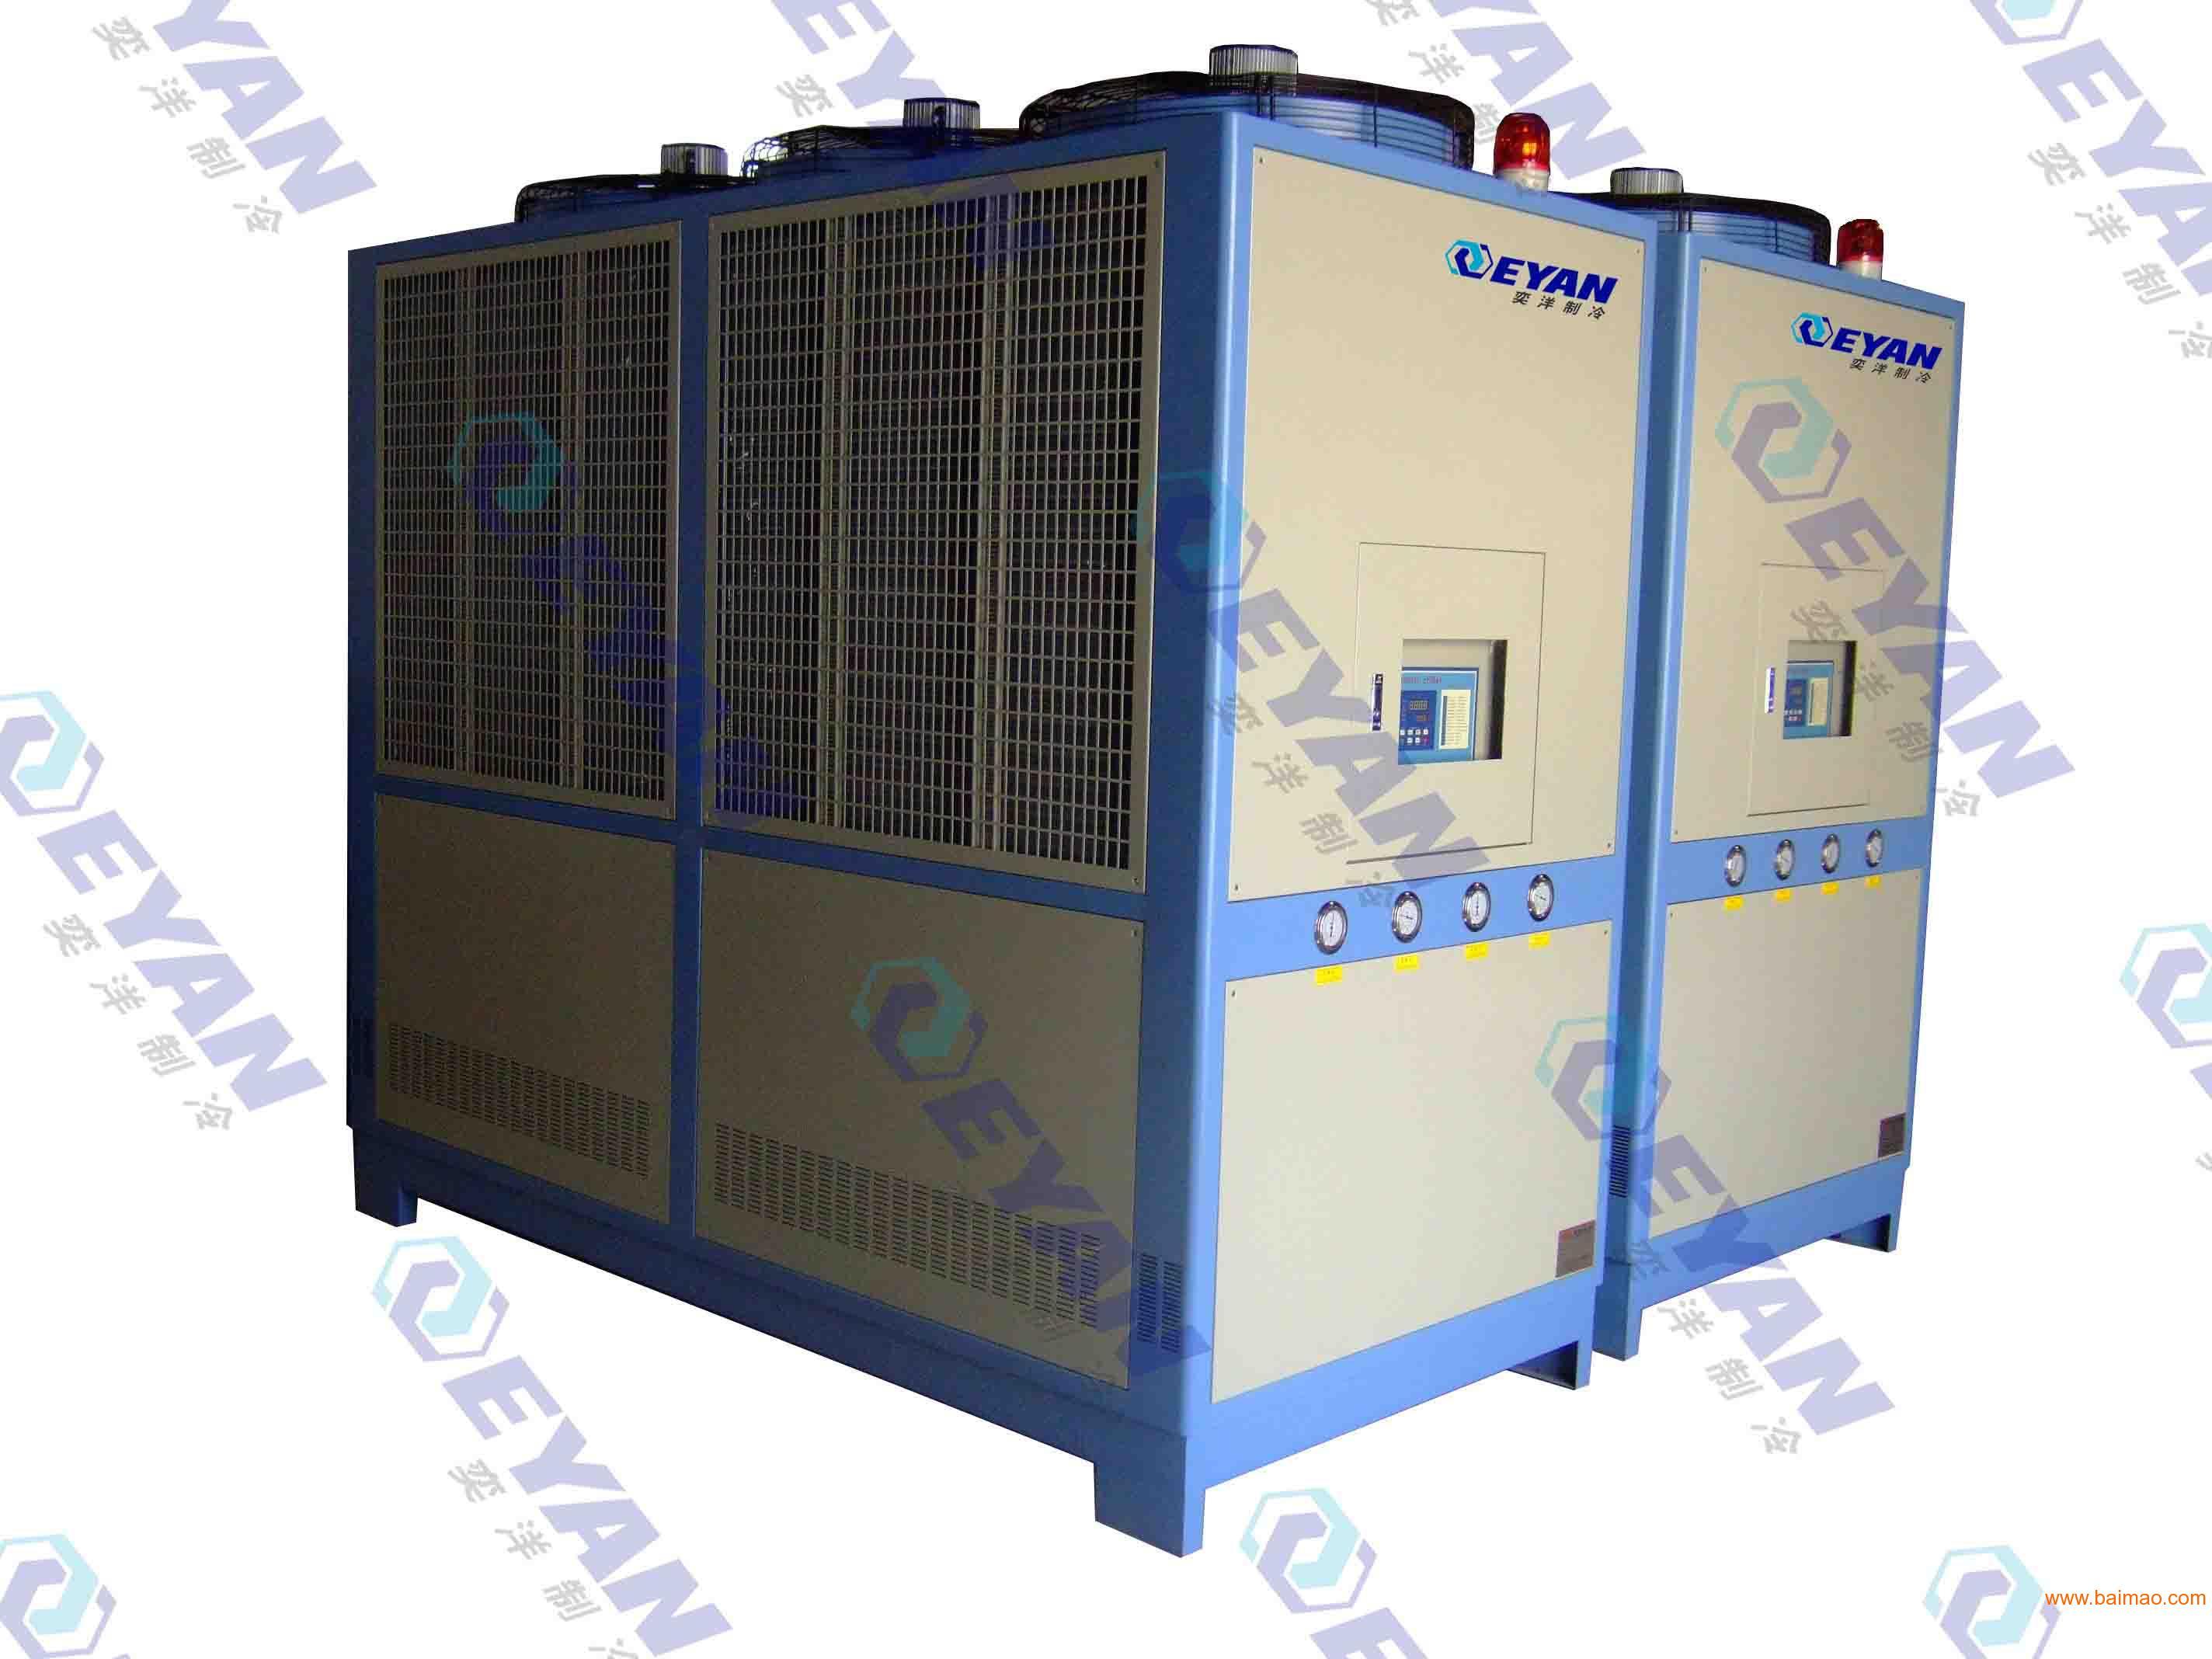 供应厂家直销 控温油冷机 5hp油冷机 大型油冷机 液压... -慧聪网